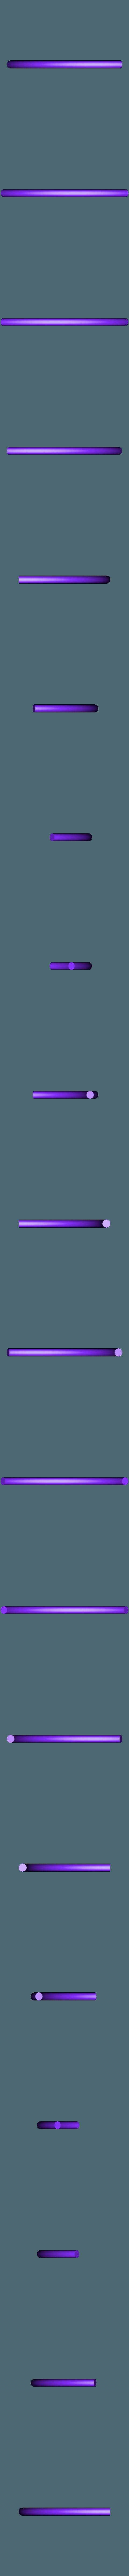 axle_5_90.STL Télécharger fichier STL gratuit MEGA Expansion 200+ Pièces • Plan à imprimer en 3D, Pwentey